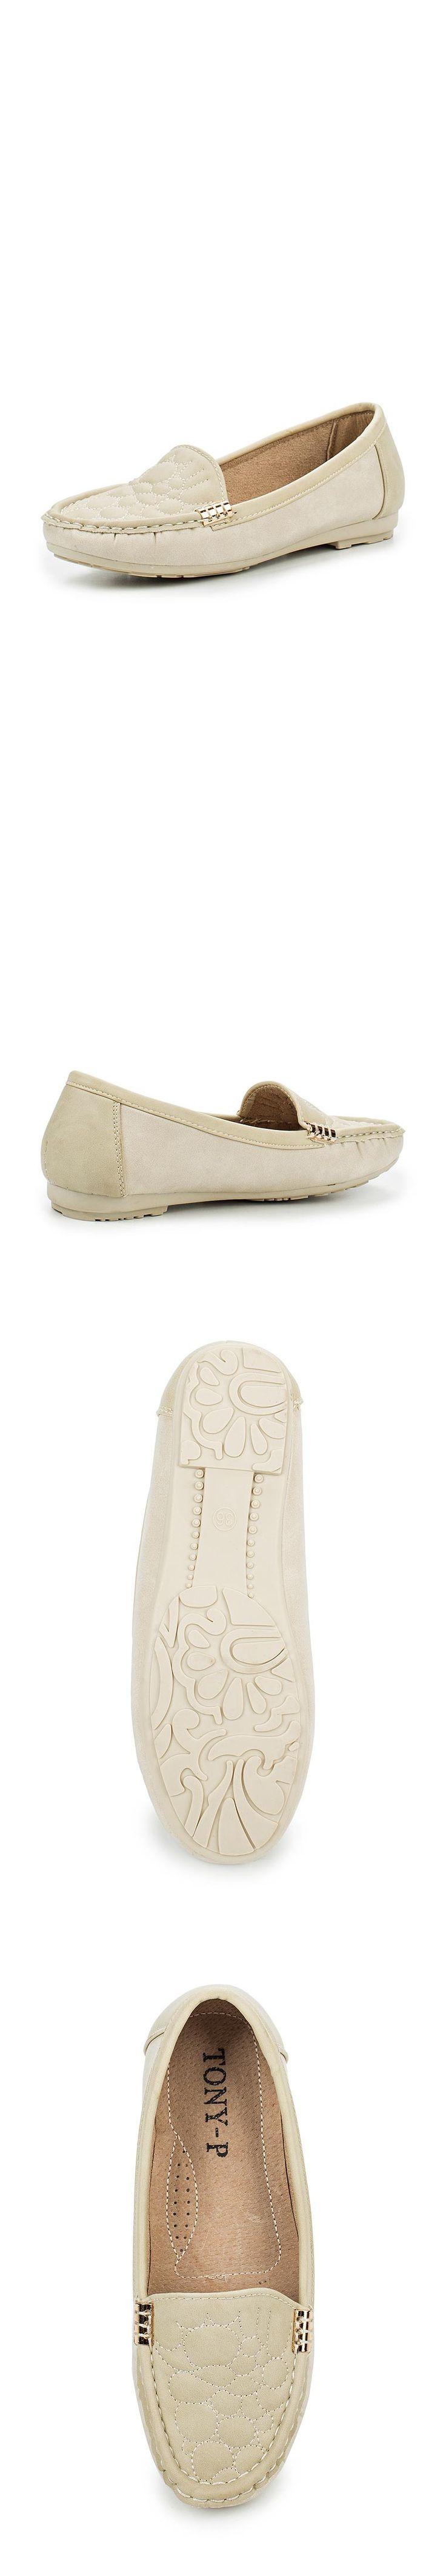 Женская обувь мокасины Tony-p за 1690.00 руб.